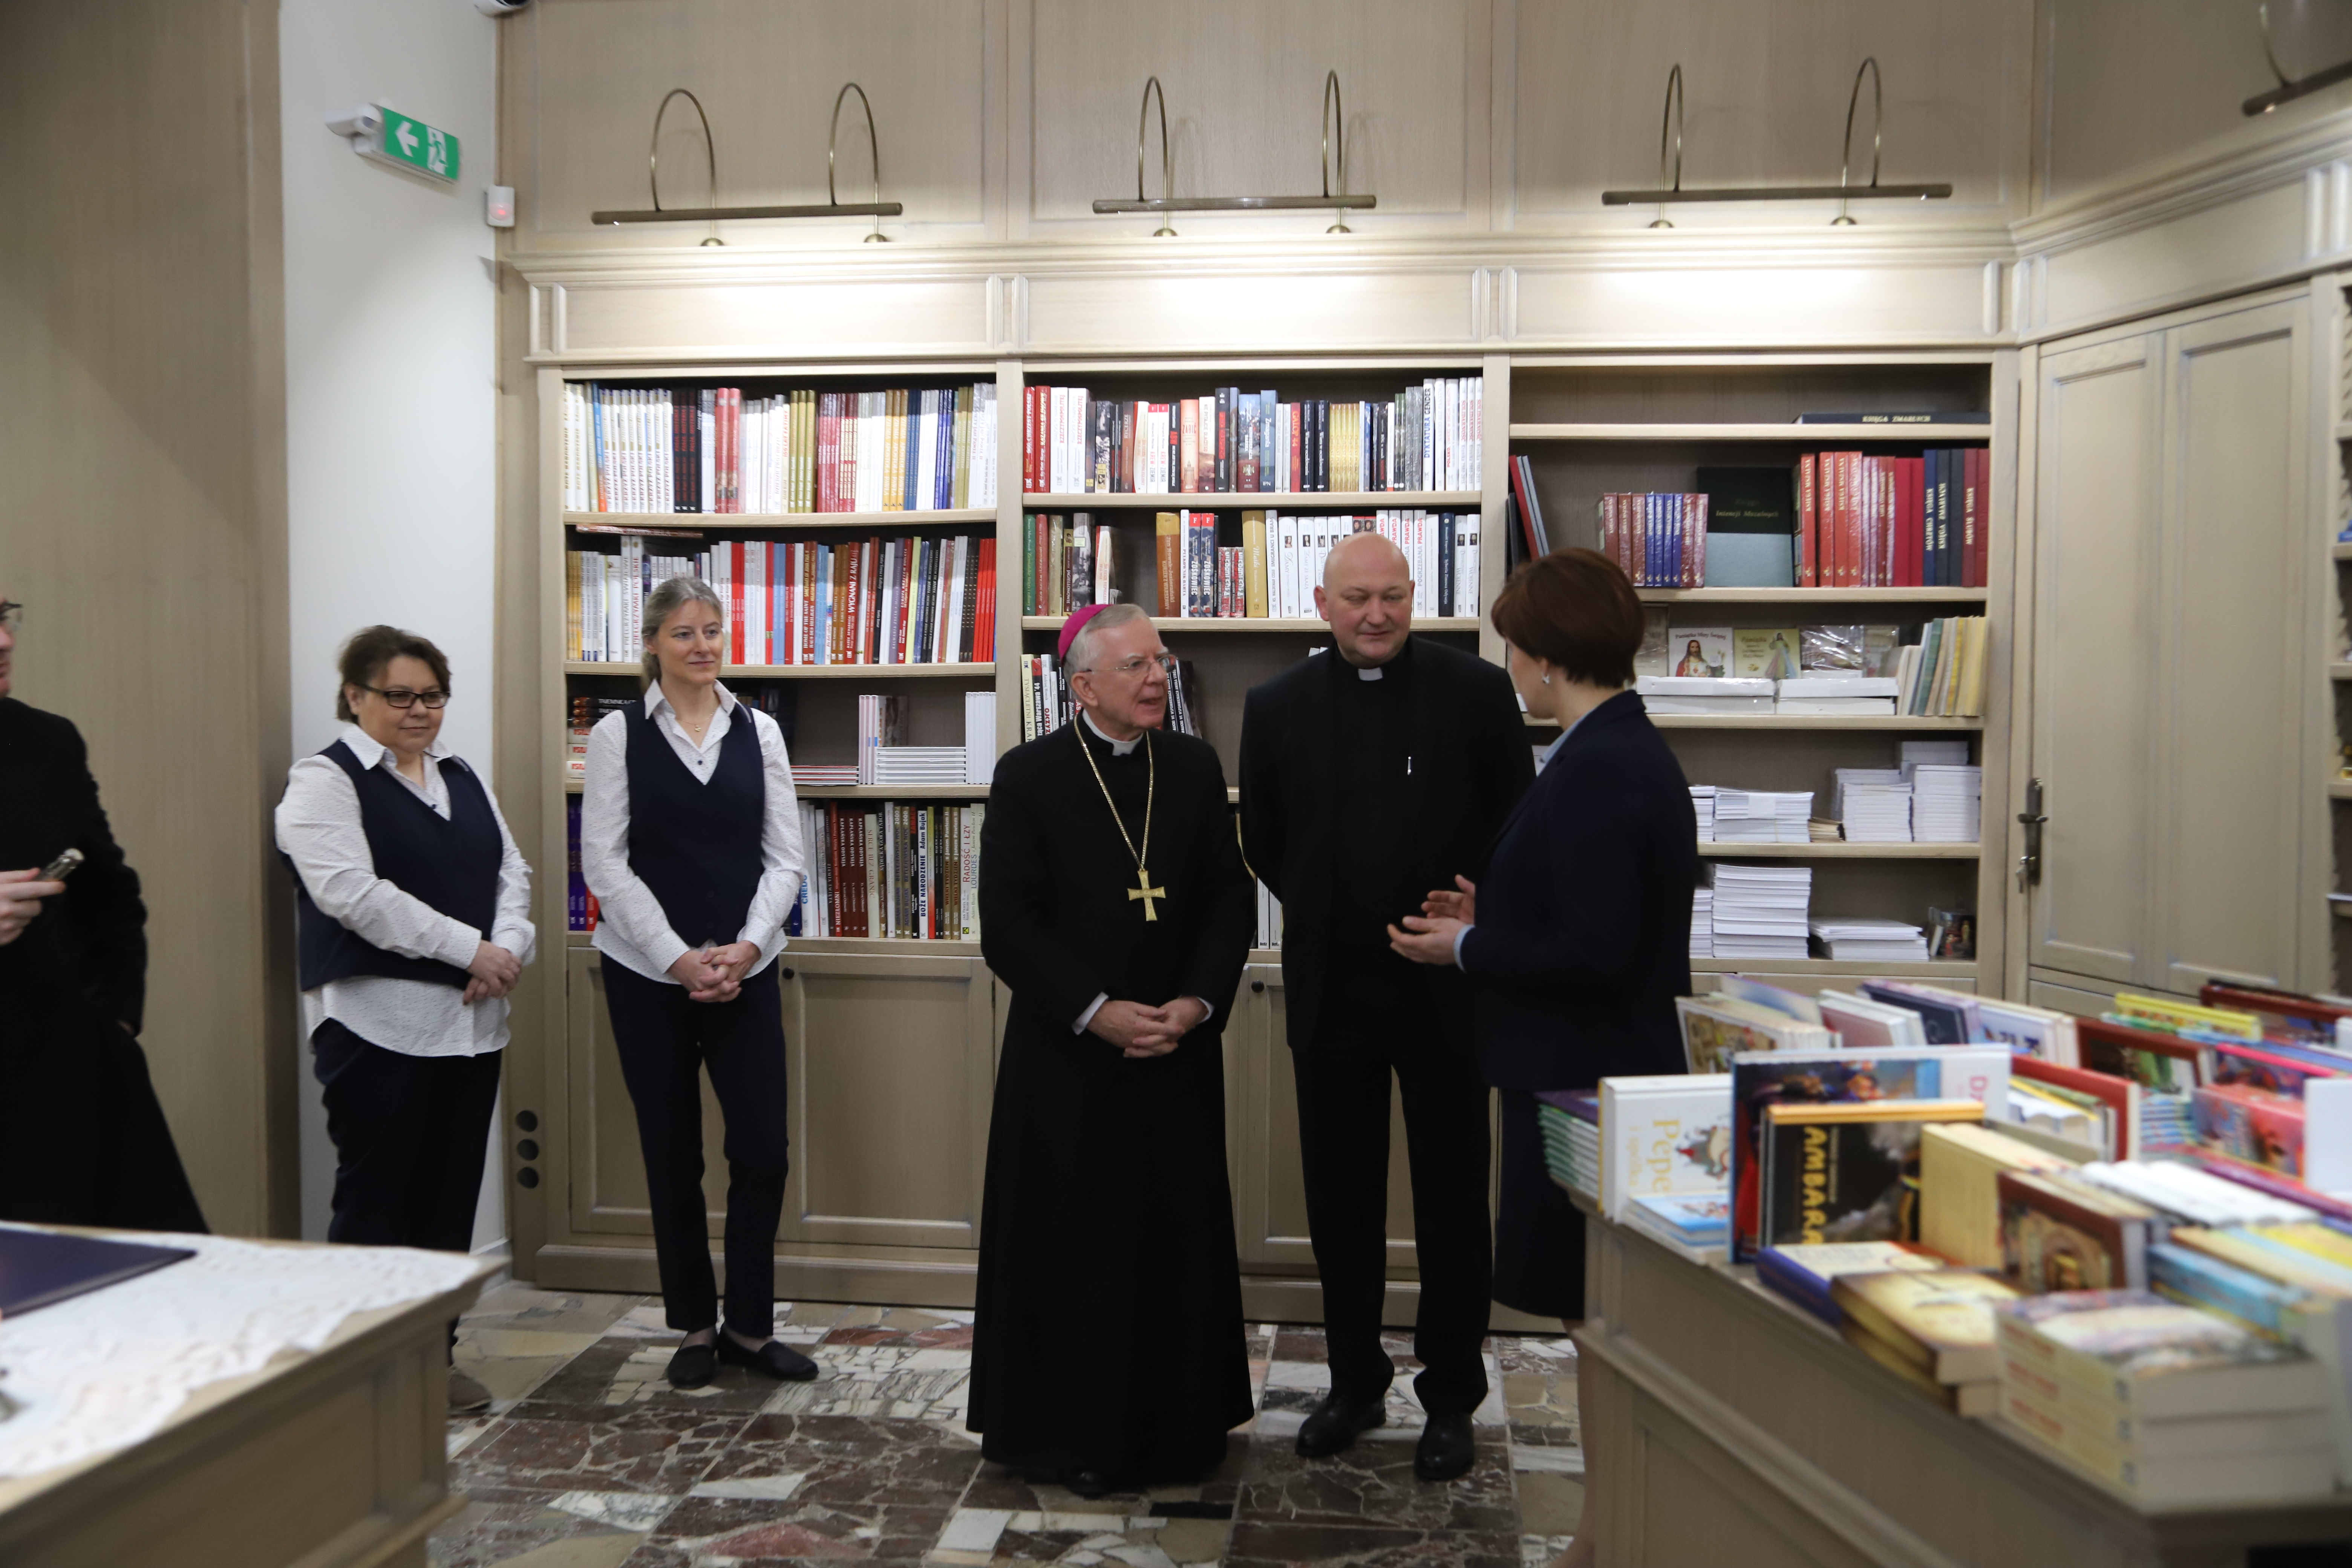 Metropolita poświęcił księgarnię św. Stanisława